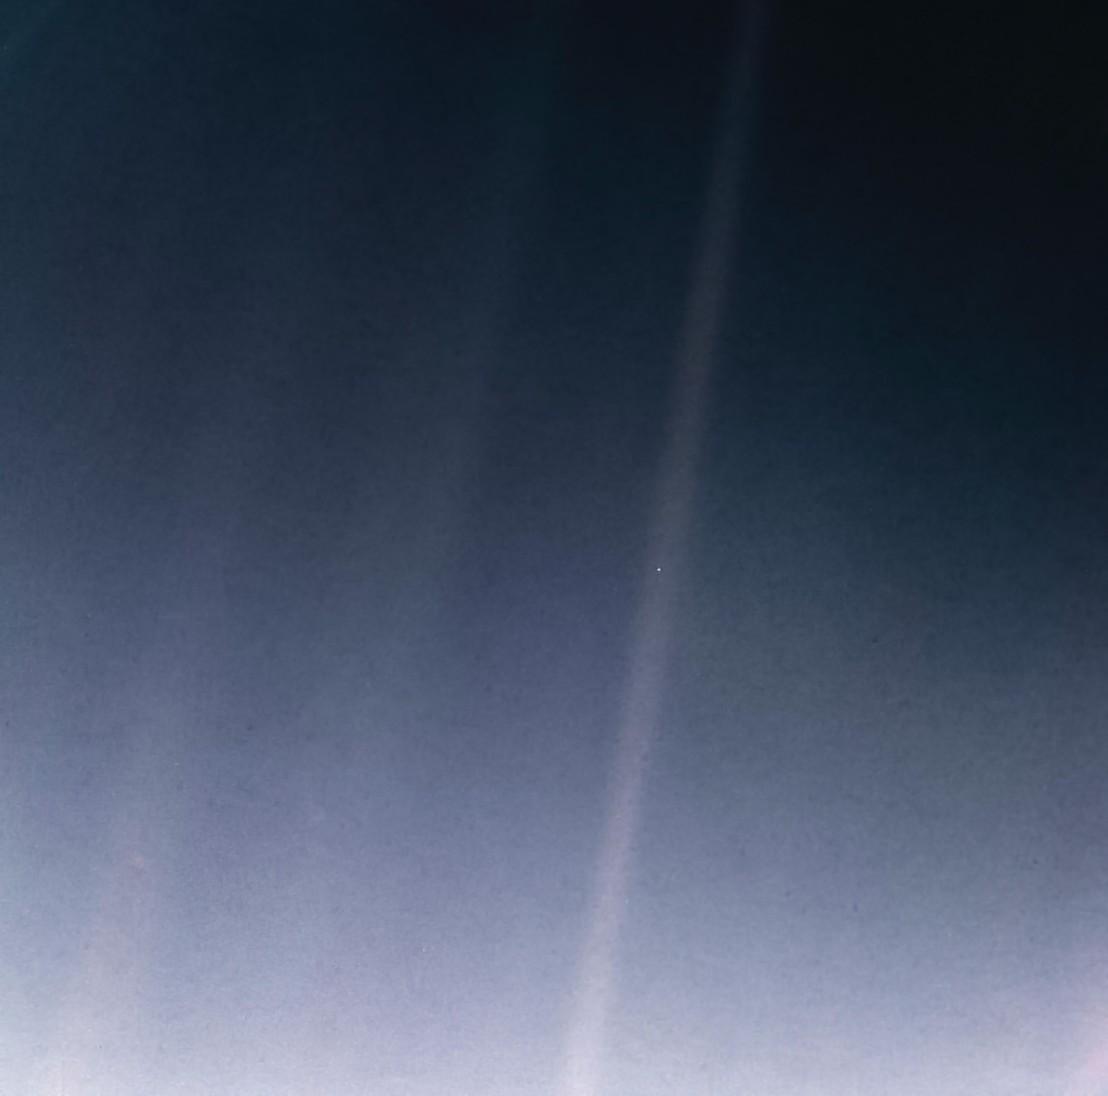 PIA23645-Earth-PaleBlueDot-6Bkm-Voyager1-orig19900214-upd20200212